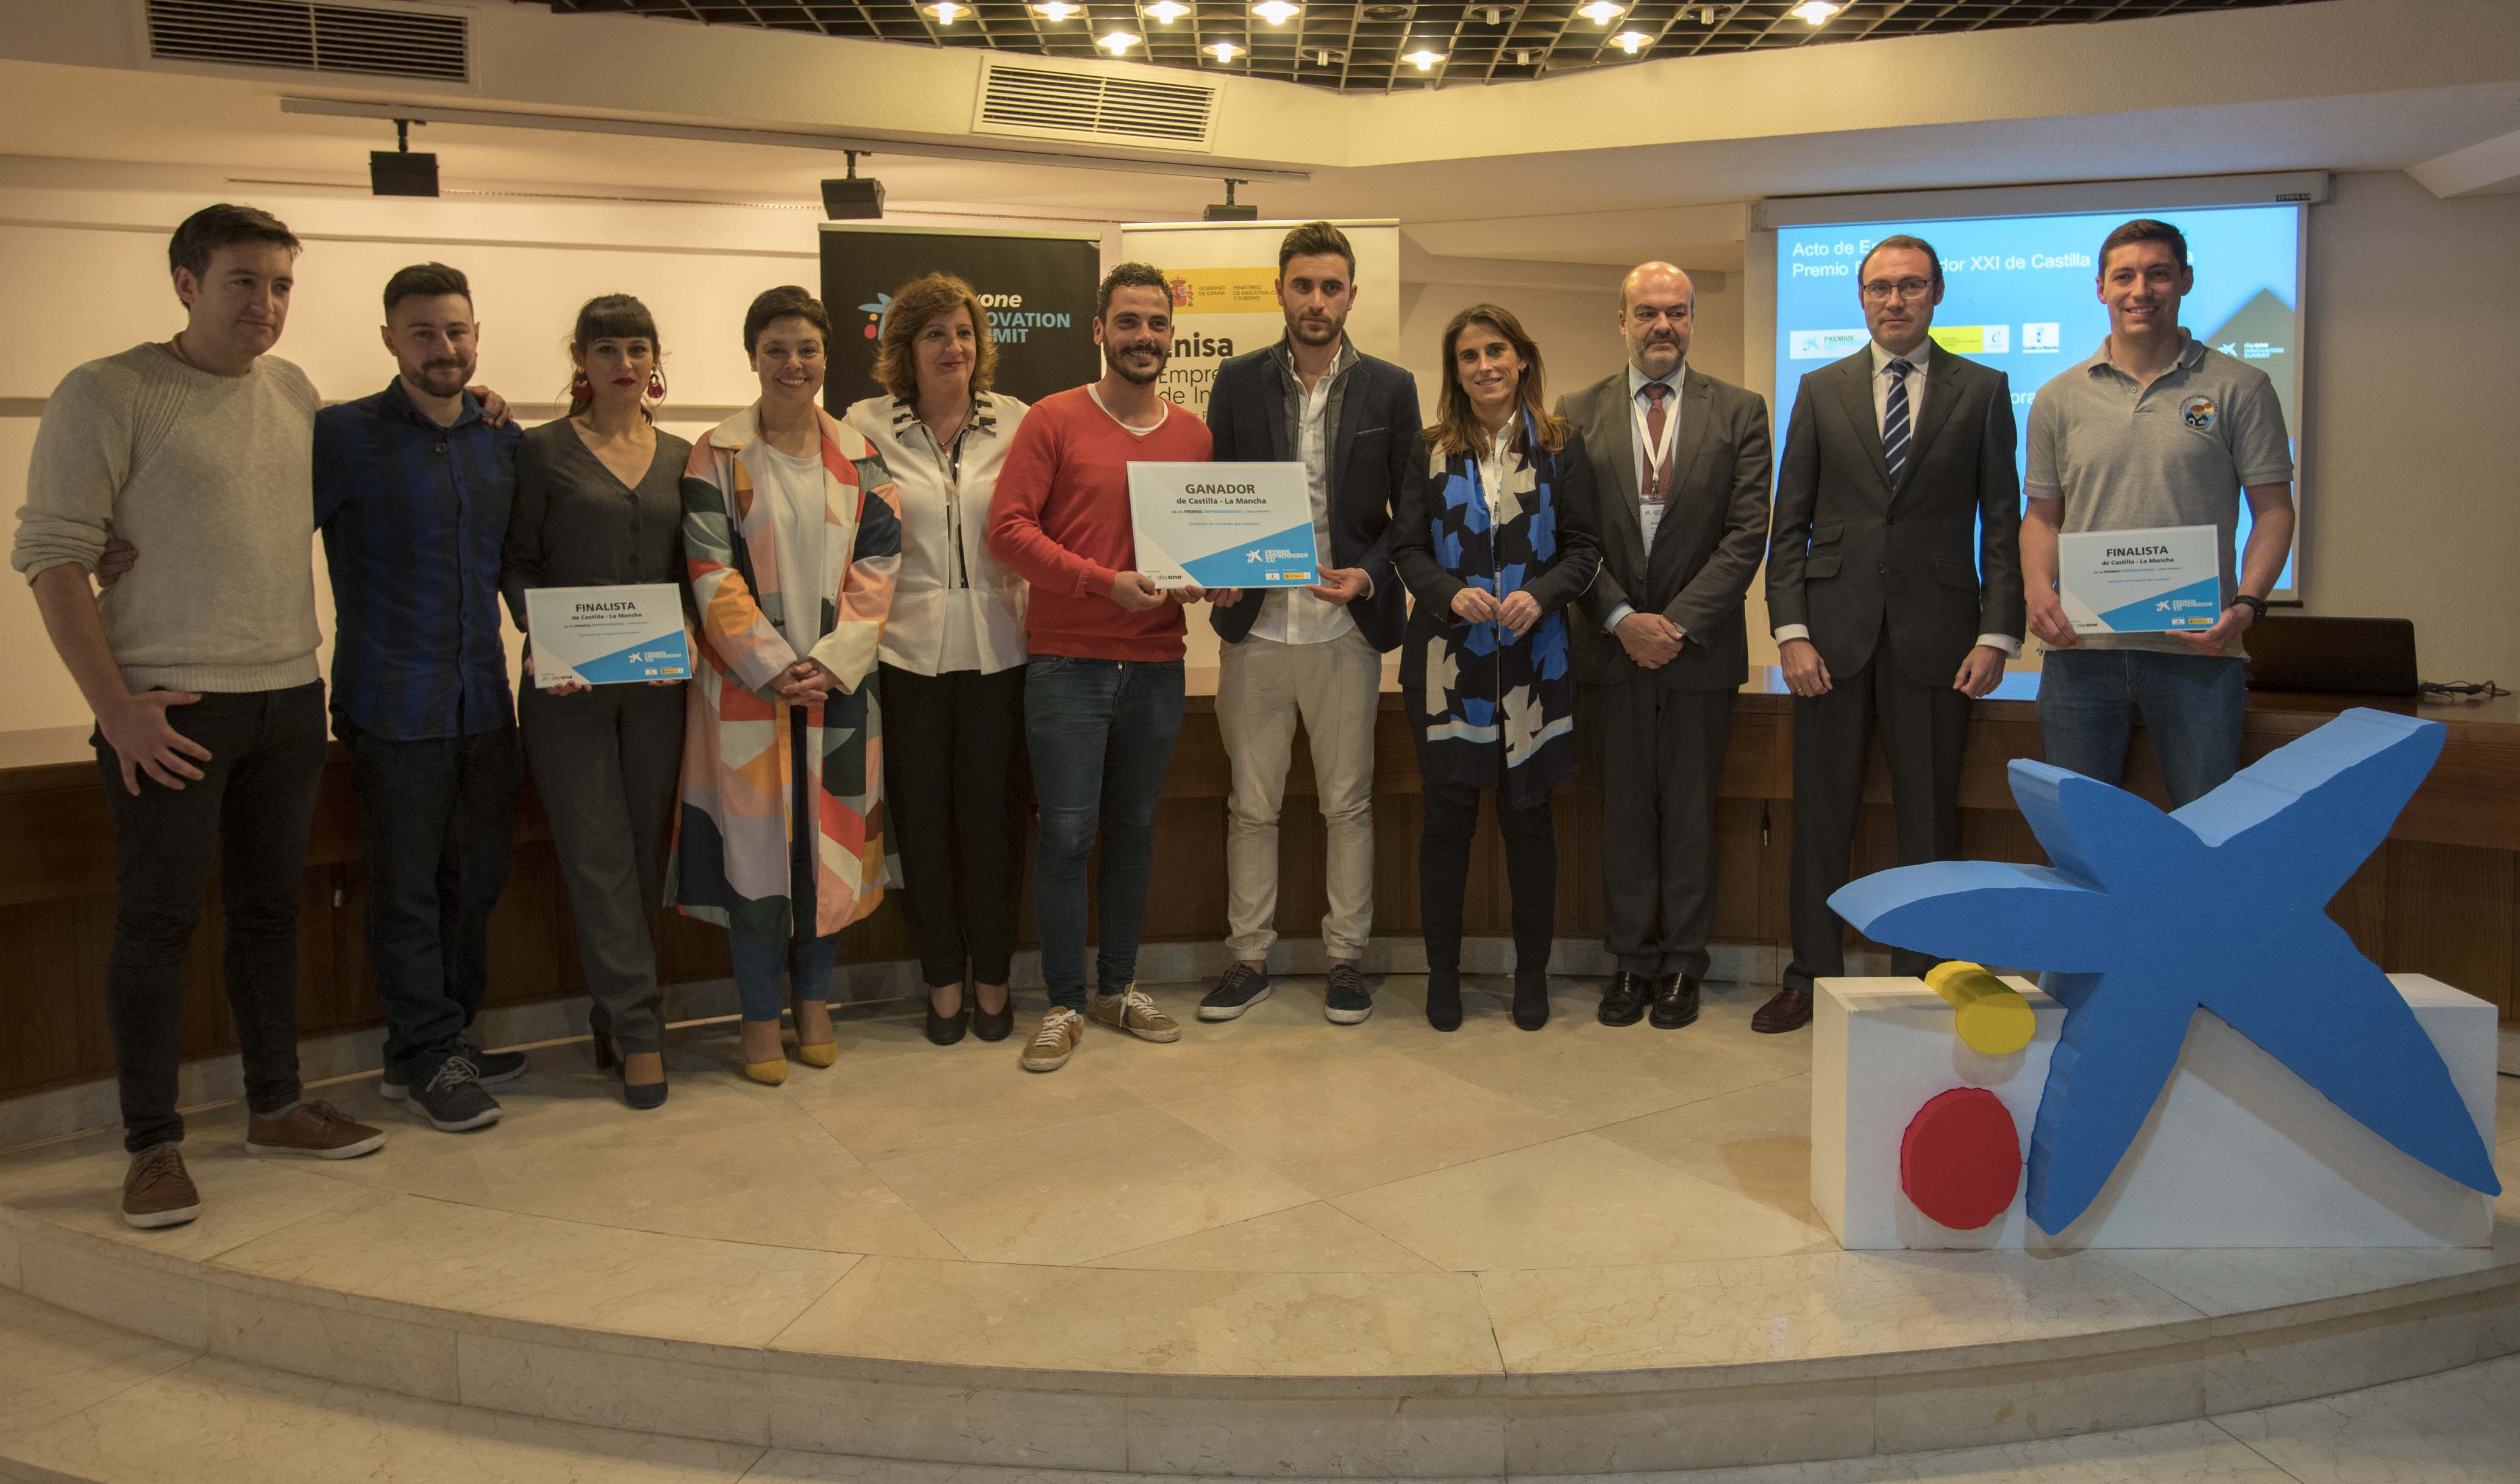 L'empresa XUQ guanya els premis EmprenedorXXI a Castella-la Manxa